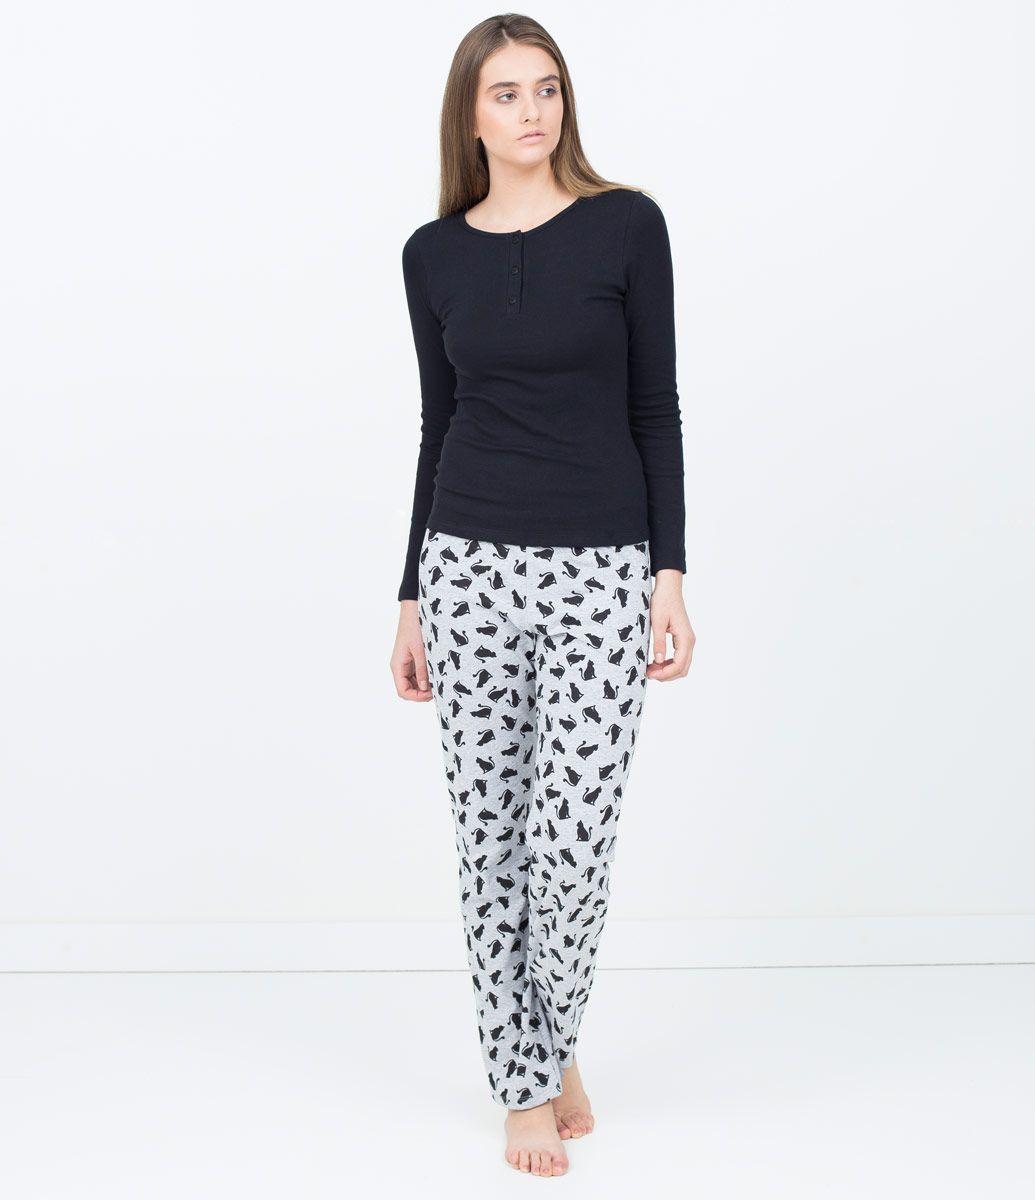 379c1de15384ec Pijama Feminino Estampado - Lojas Renner | pijamas♡ | Pijama ...